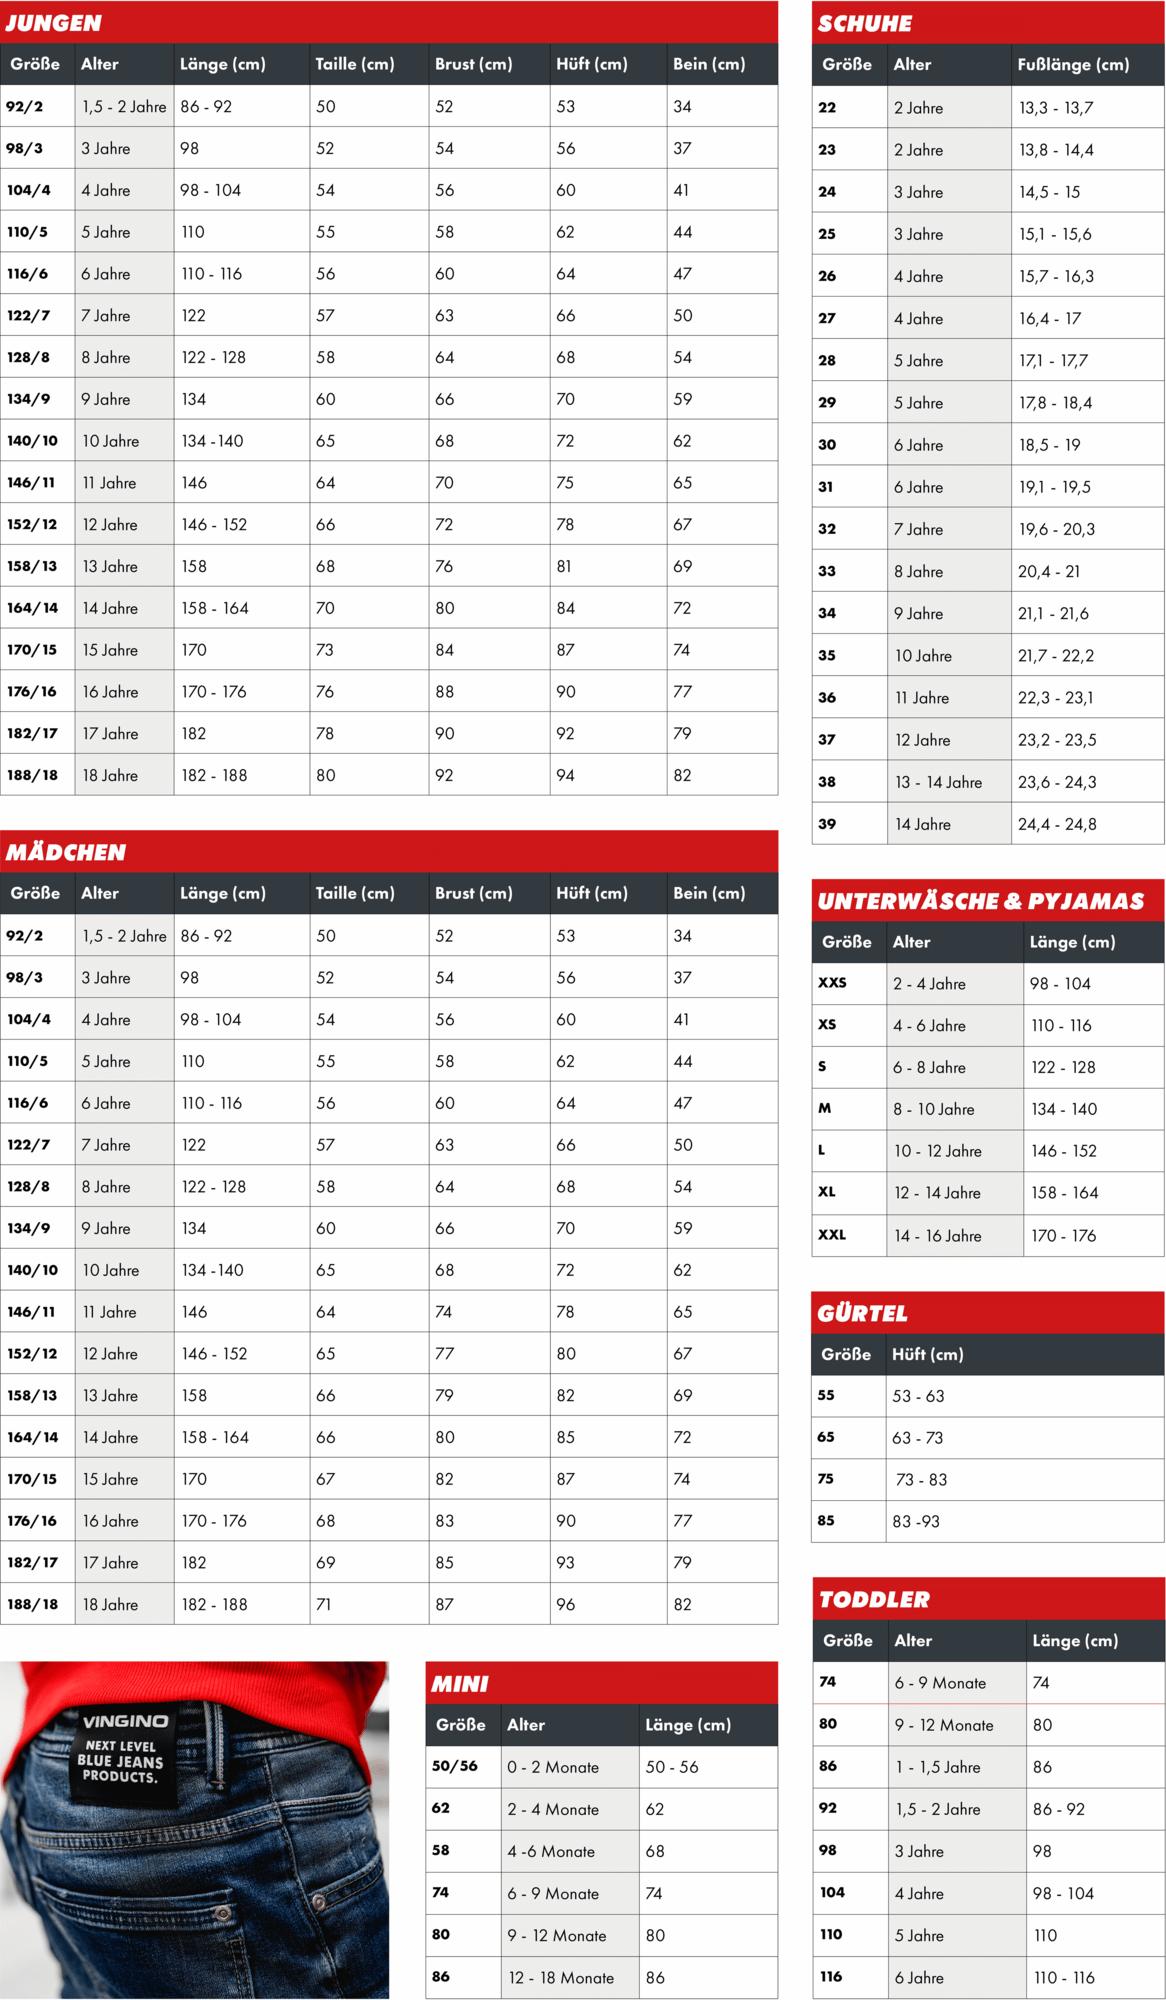 SIZECHART-DESKTOP-ALGEMEEN-KIDS-DE-AW20-1